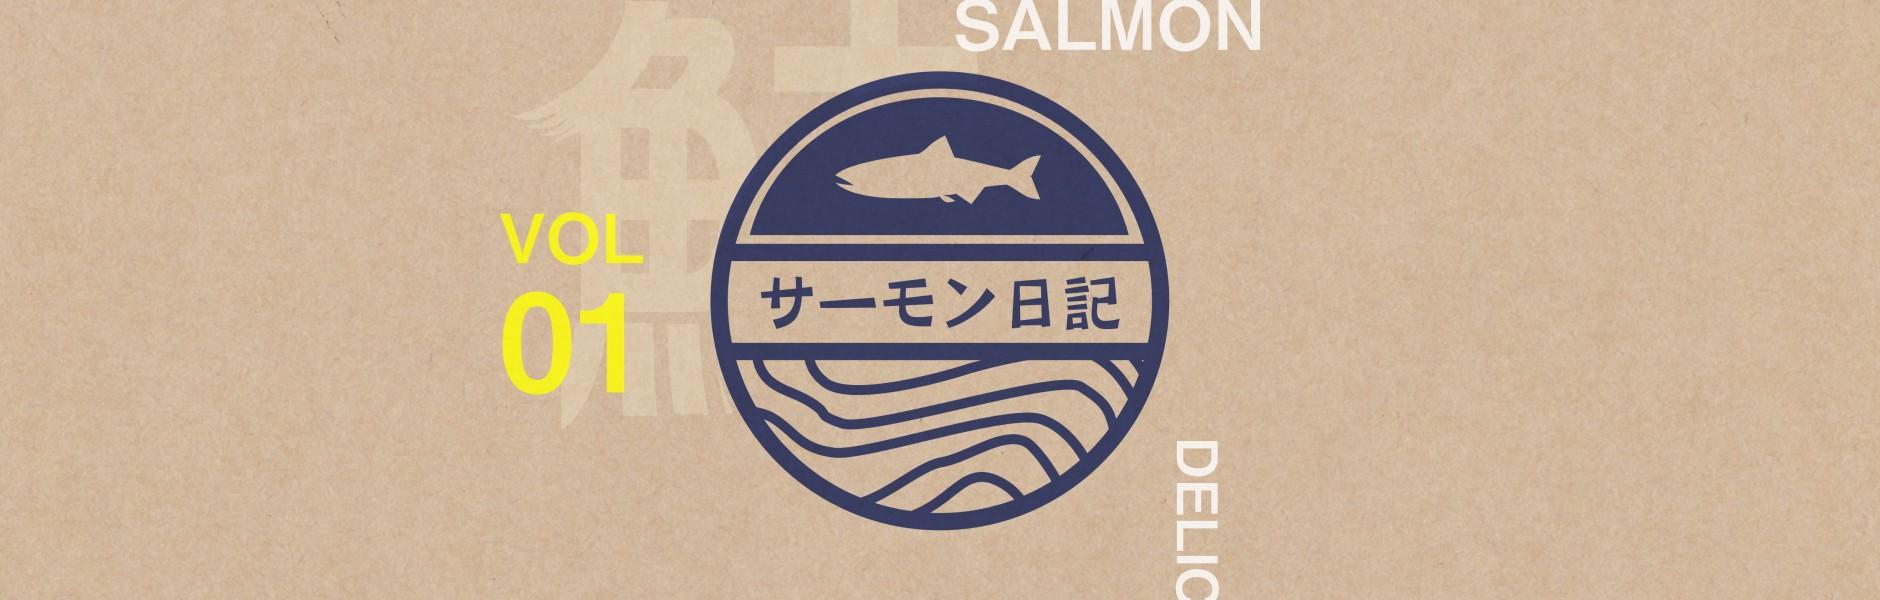 サーモン日記   vol.01